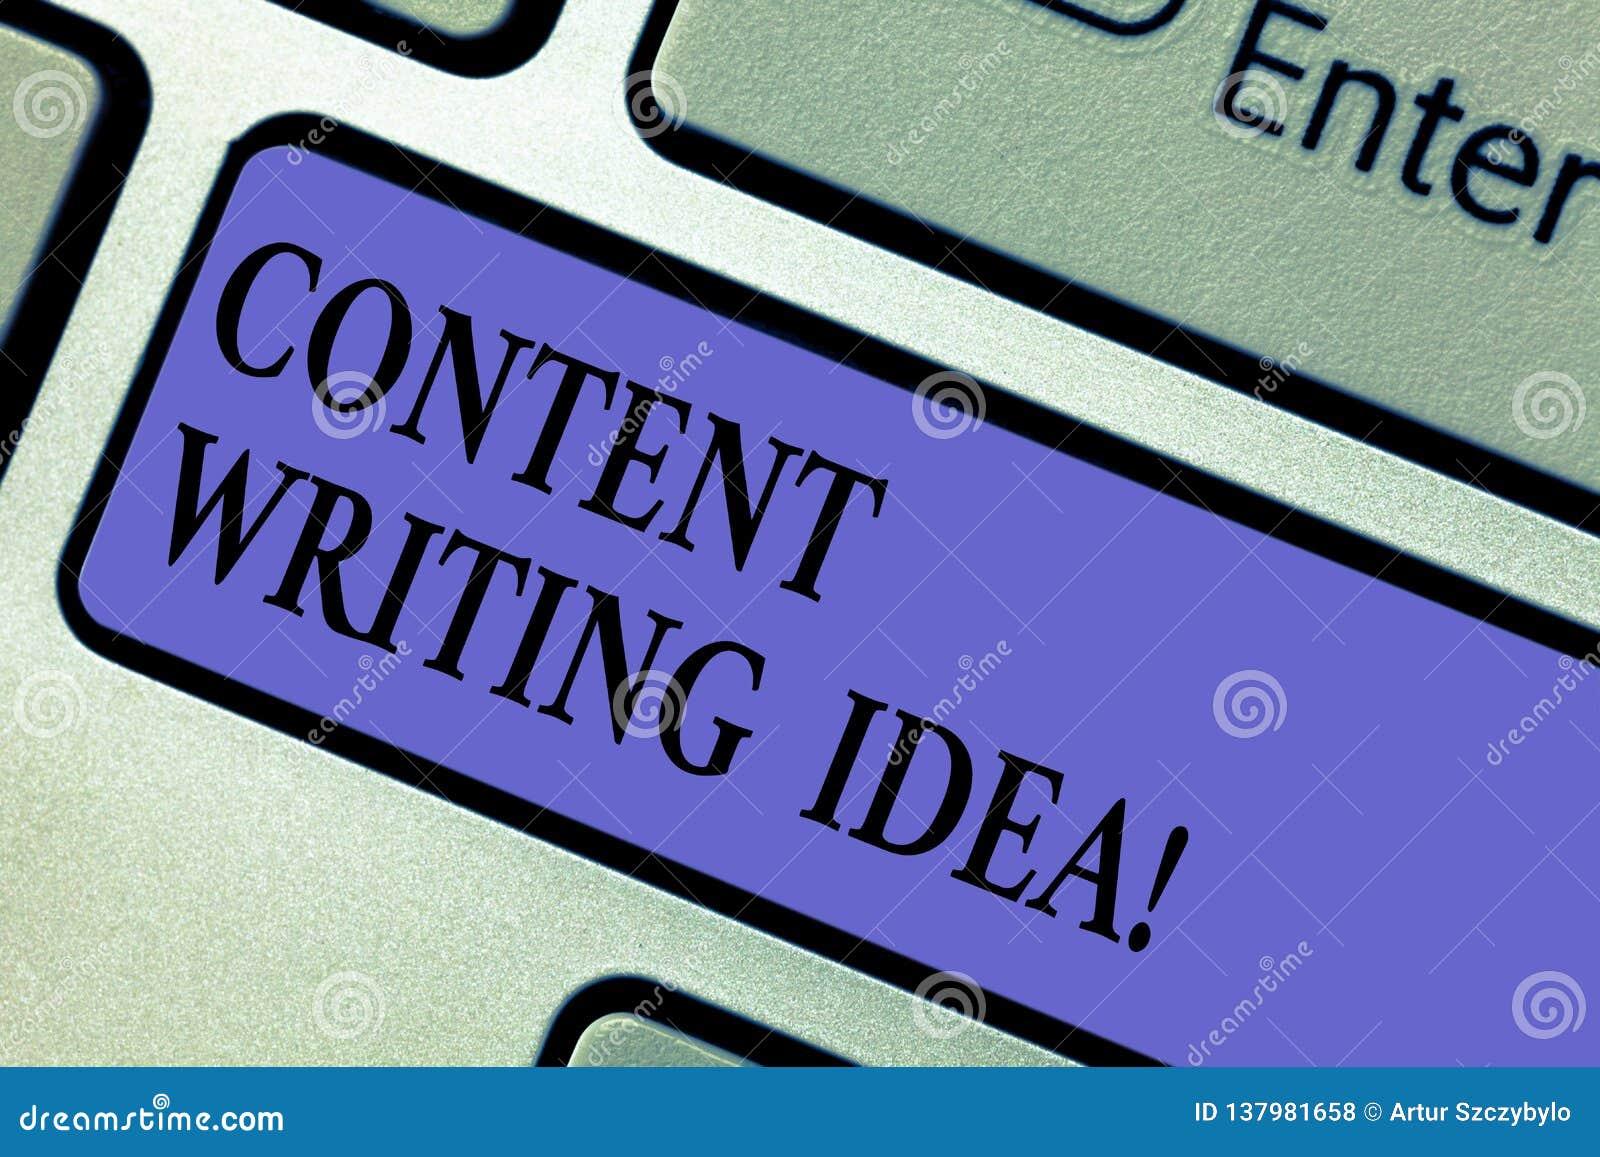 Pisać nutowemu seansowi Zadowolonym Pisze pomysle Biznesowa fotografia pokazuje pojęcia na pisać prowadzi kampanię promować produ